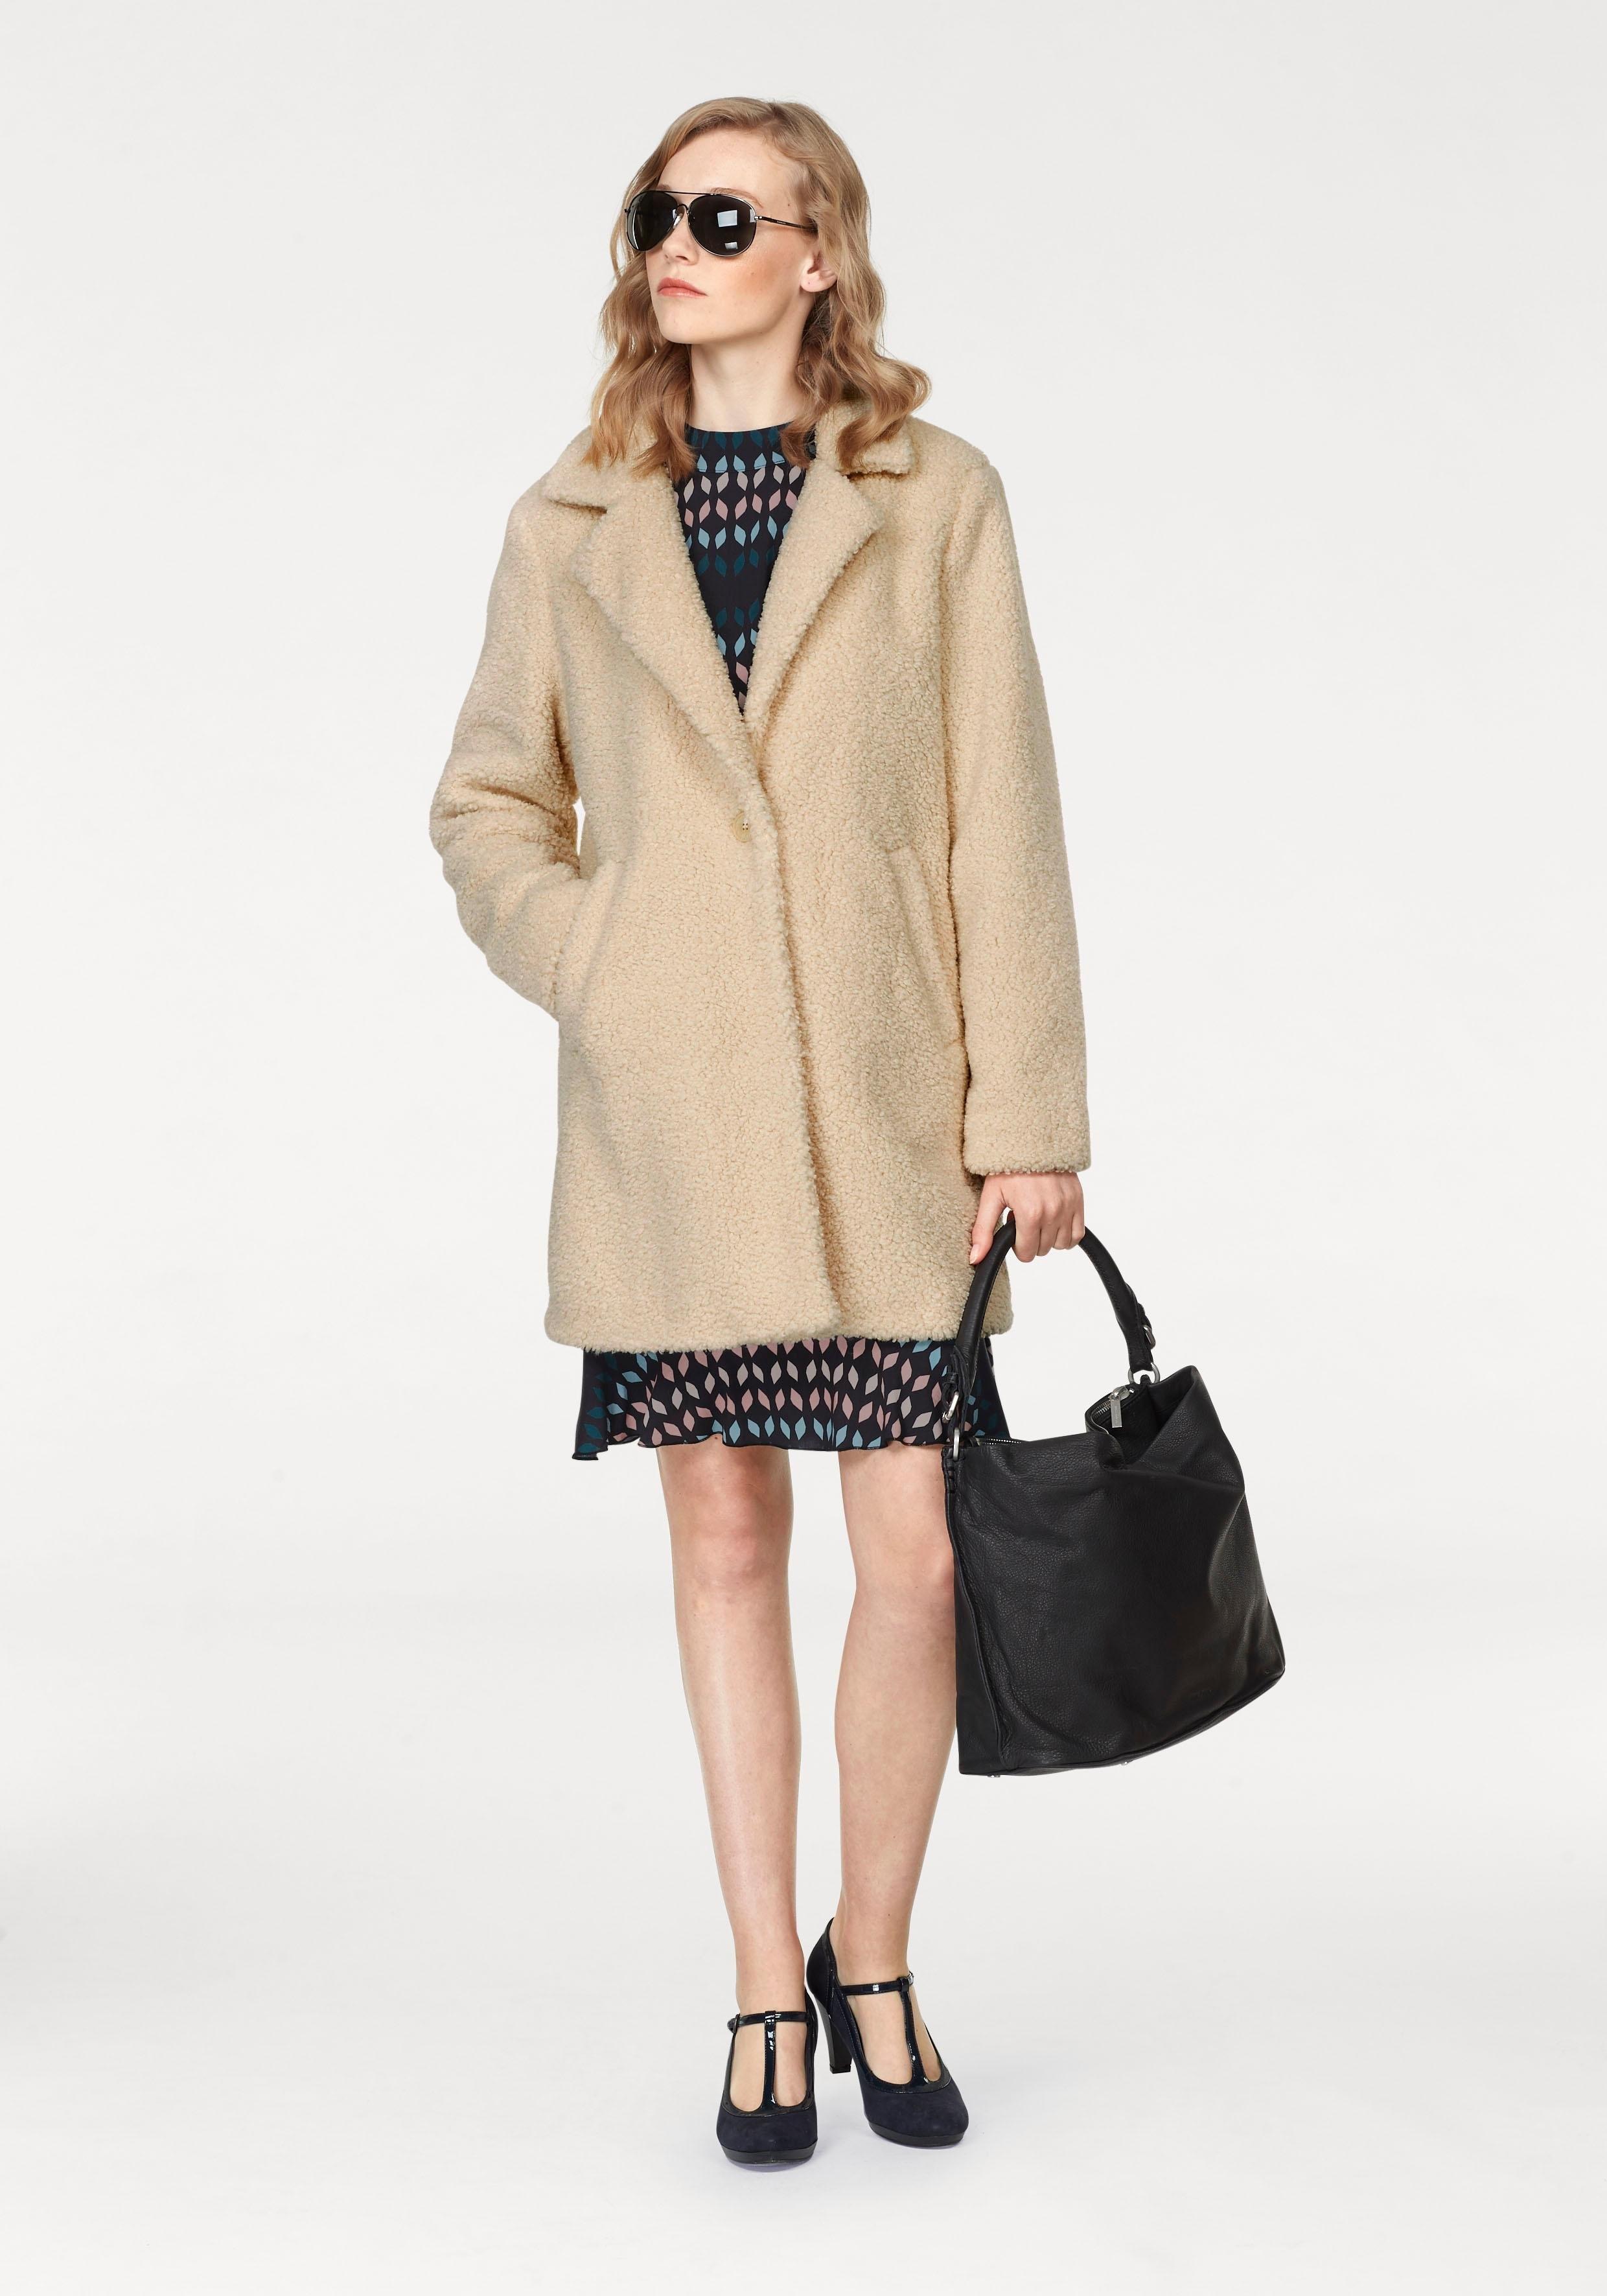 Bij Jaslelina Online Lange Nyc Fashion Broadway k80wOXnP